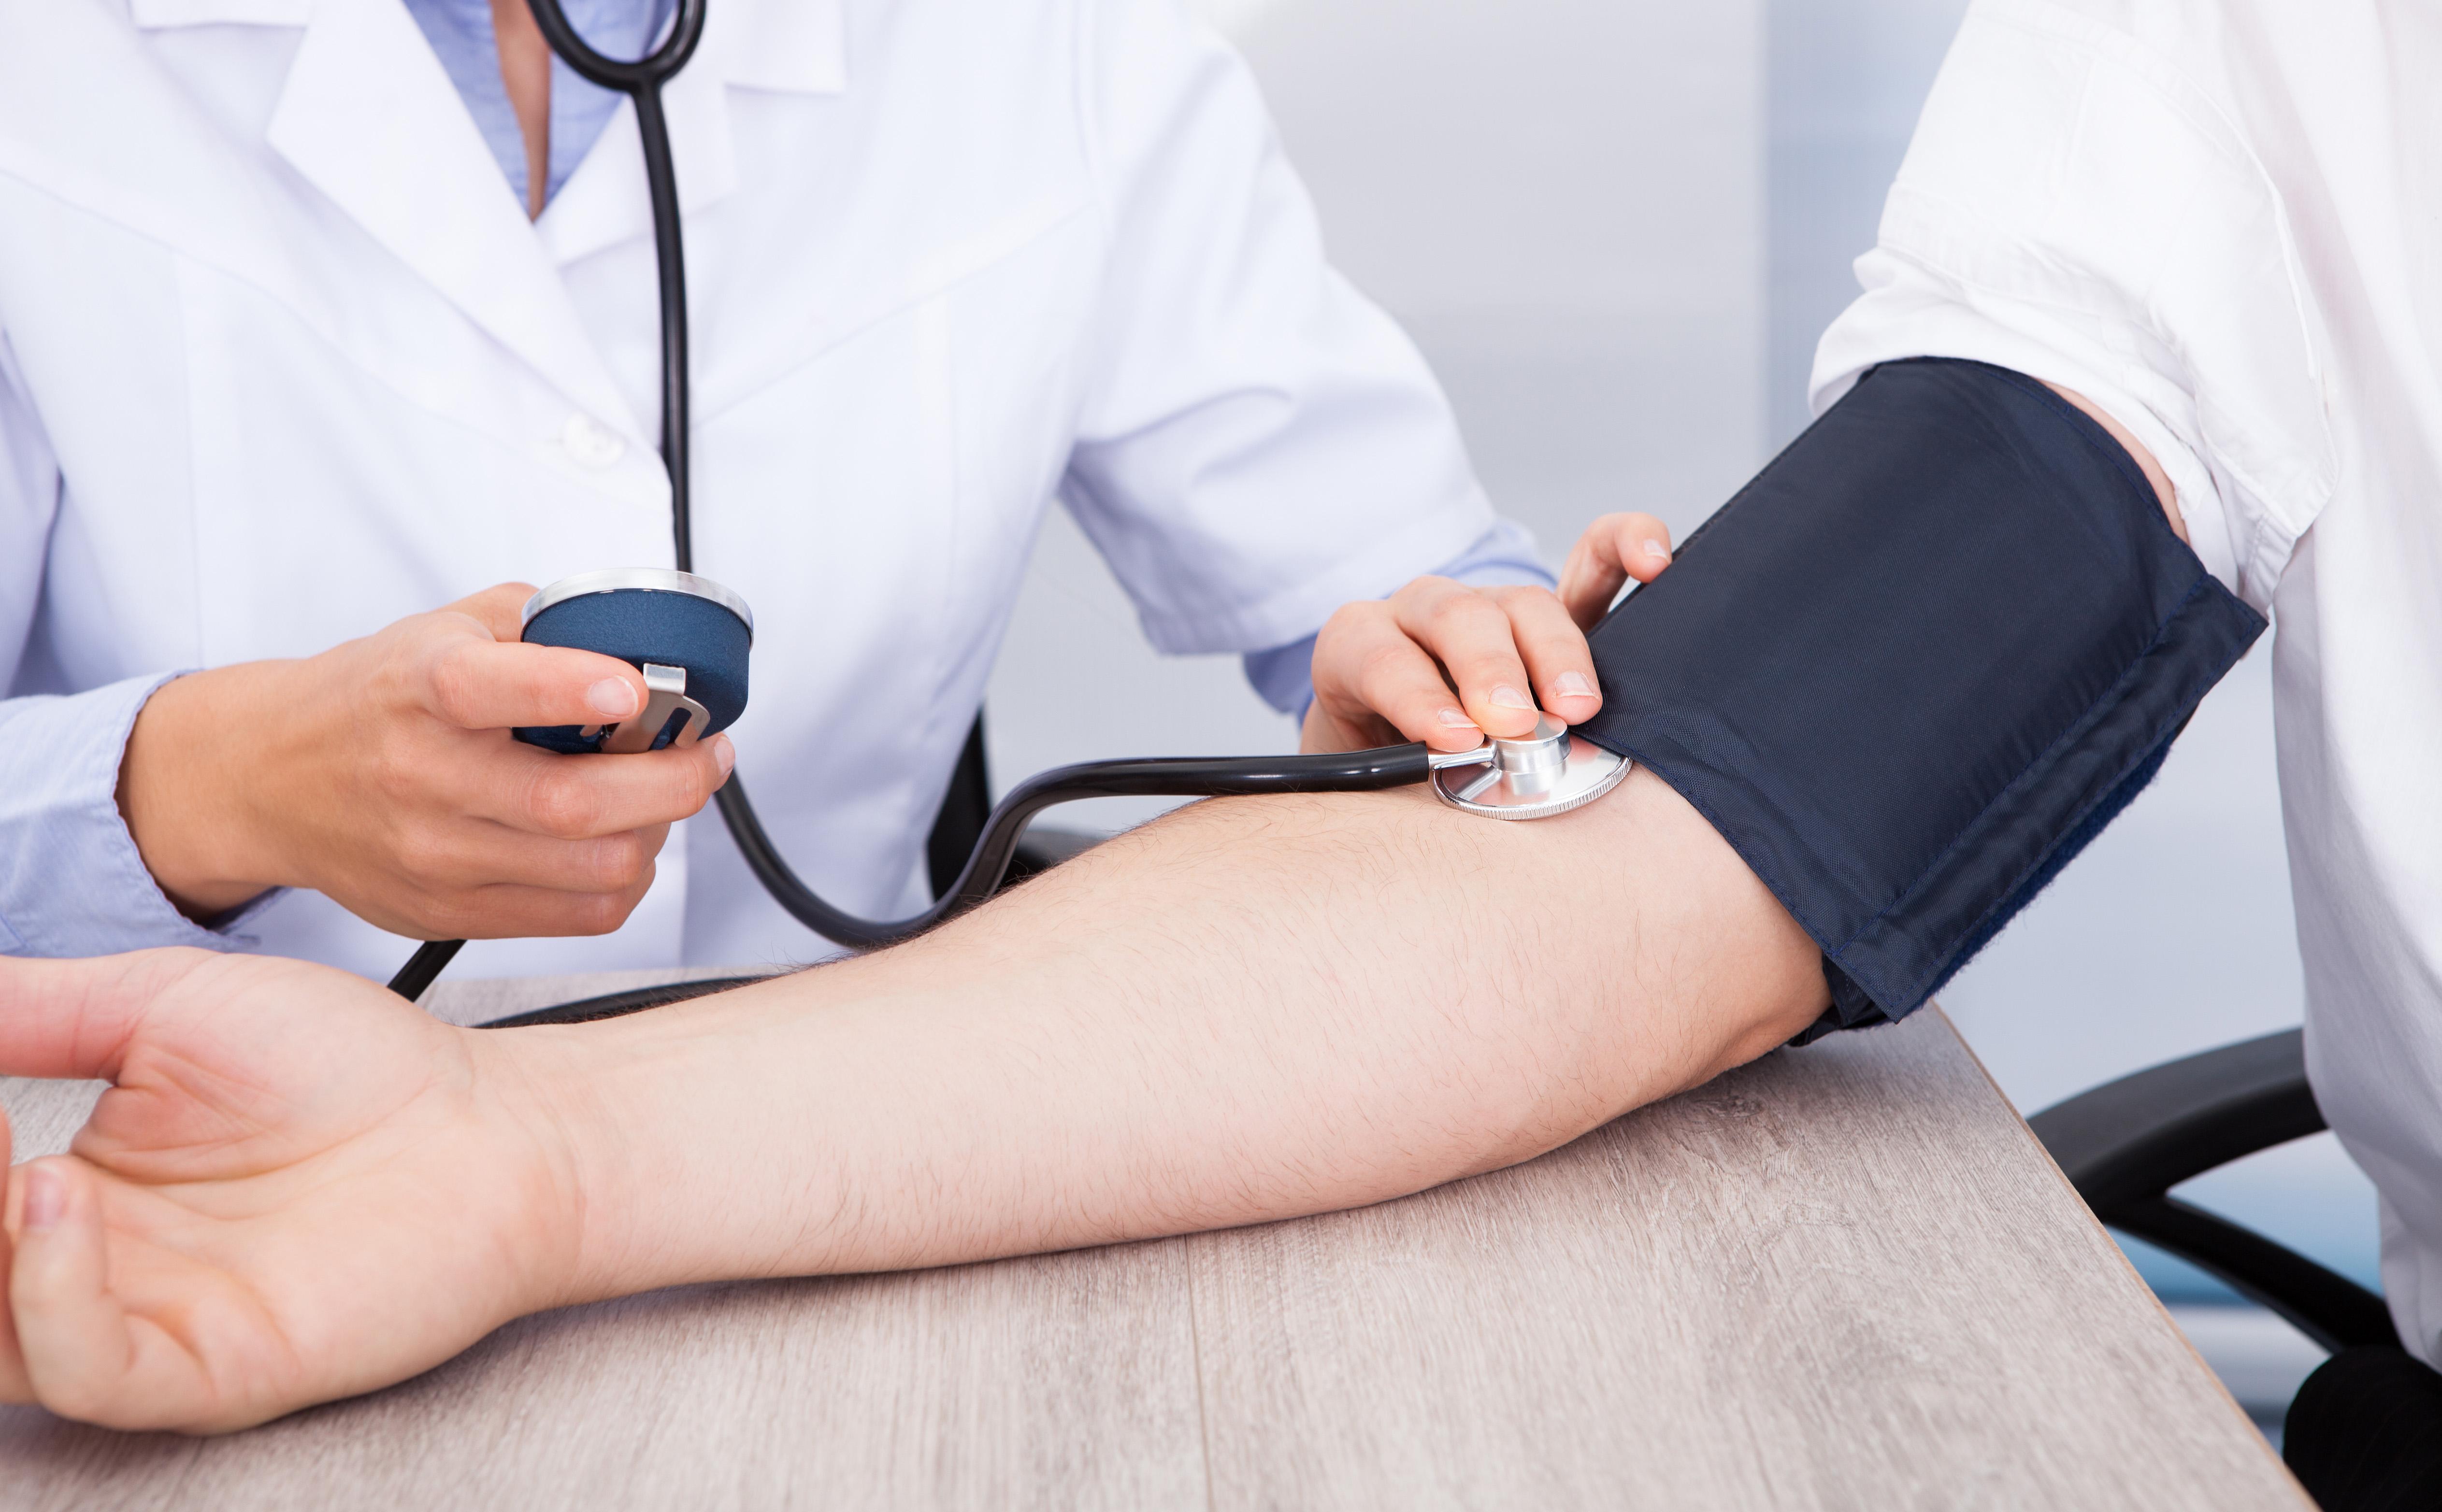 segítség a magas vérnyomásban szenvedő erek számára magas vérnyomás hogyan kell kezelni mit kell enni